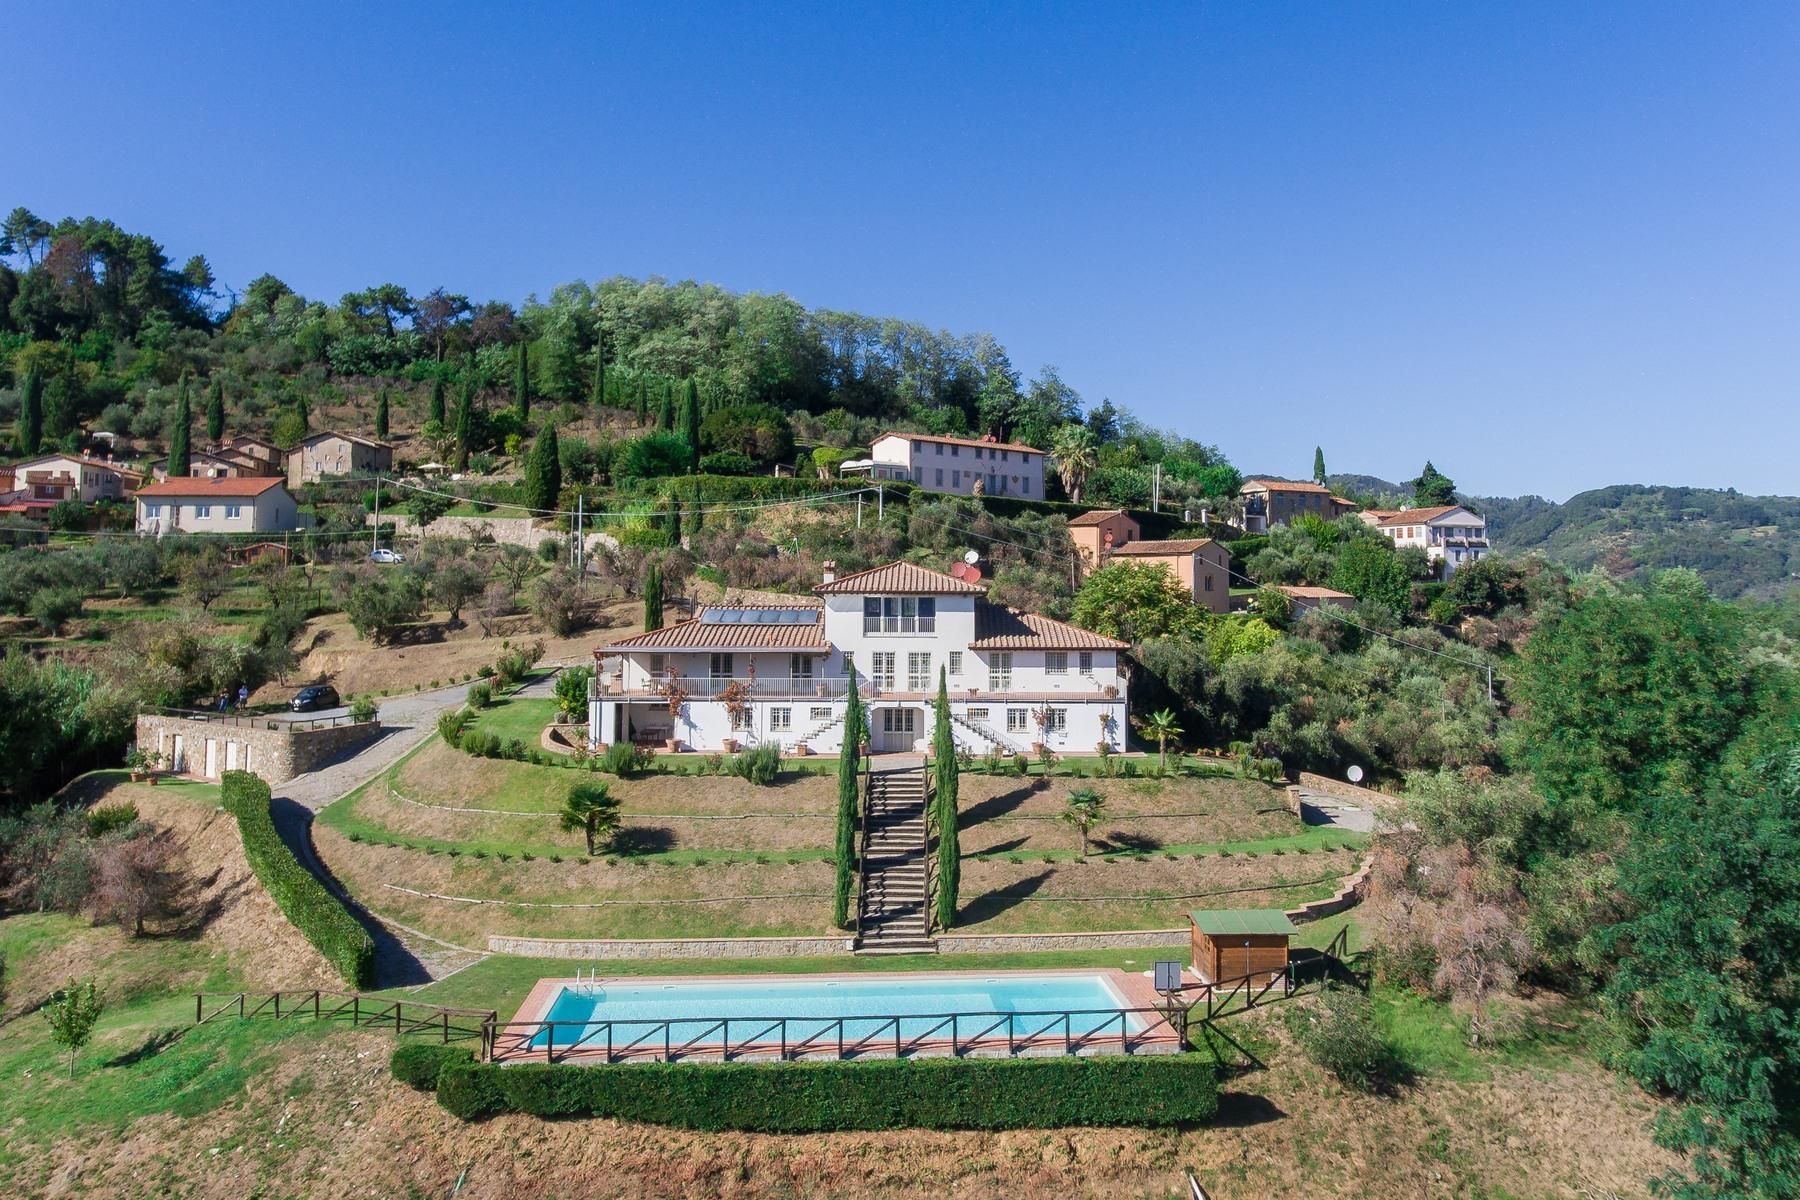 Elégante villa avec piscine dans les collines de Lucca. - 18